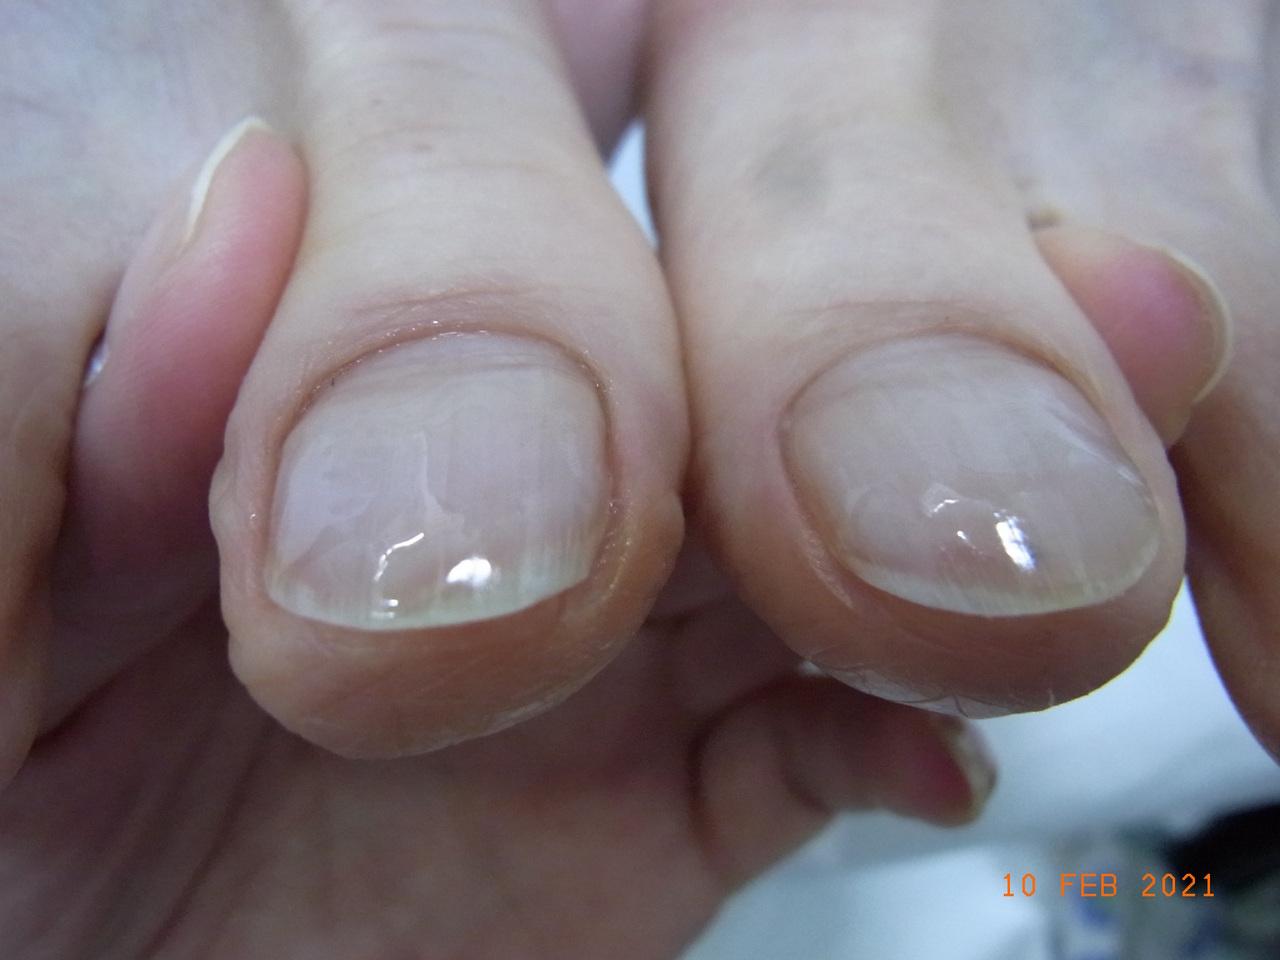 巻き爪 神奈川 ピカピカの爪